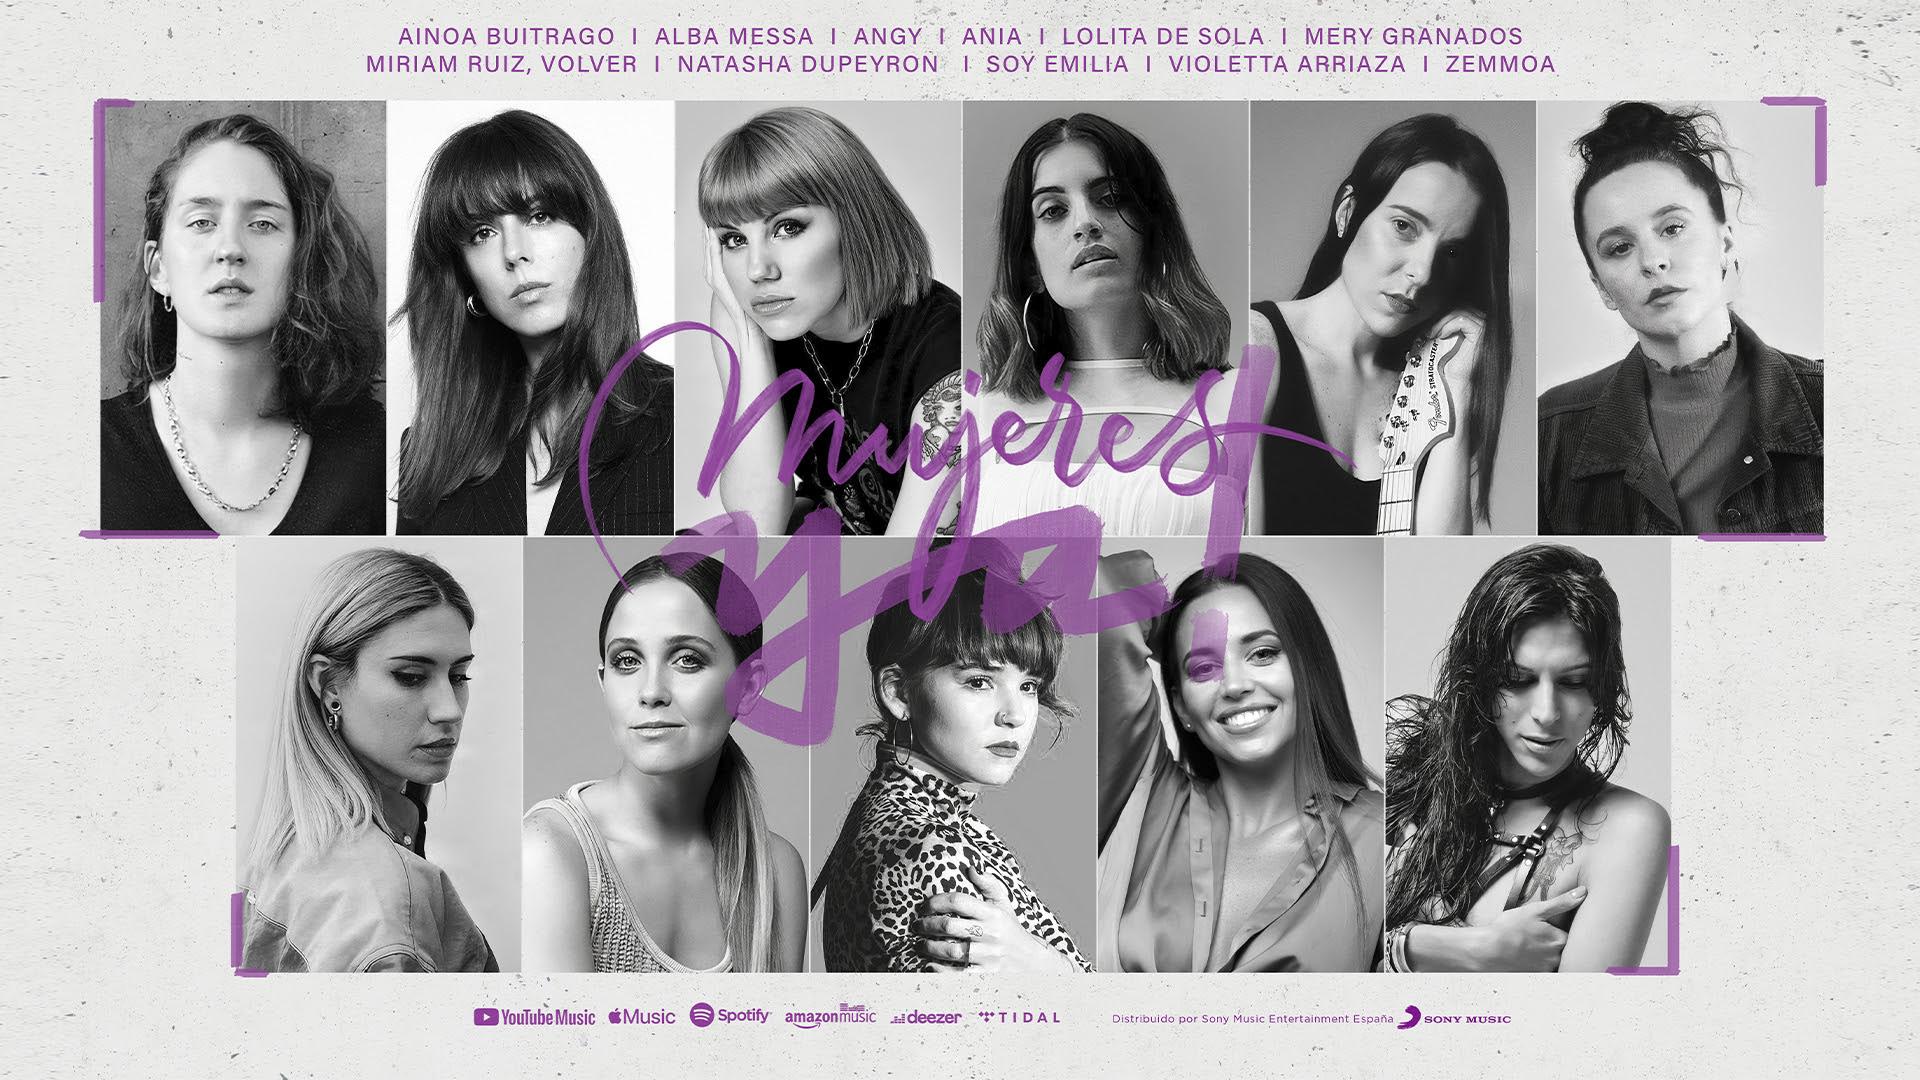 mujeres ya alba messa celebra el dia internacional de la mujer unnamed 2021 03 08t114823.364